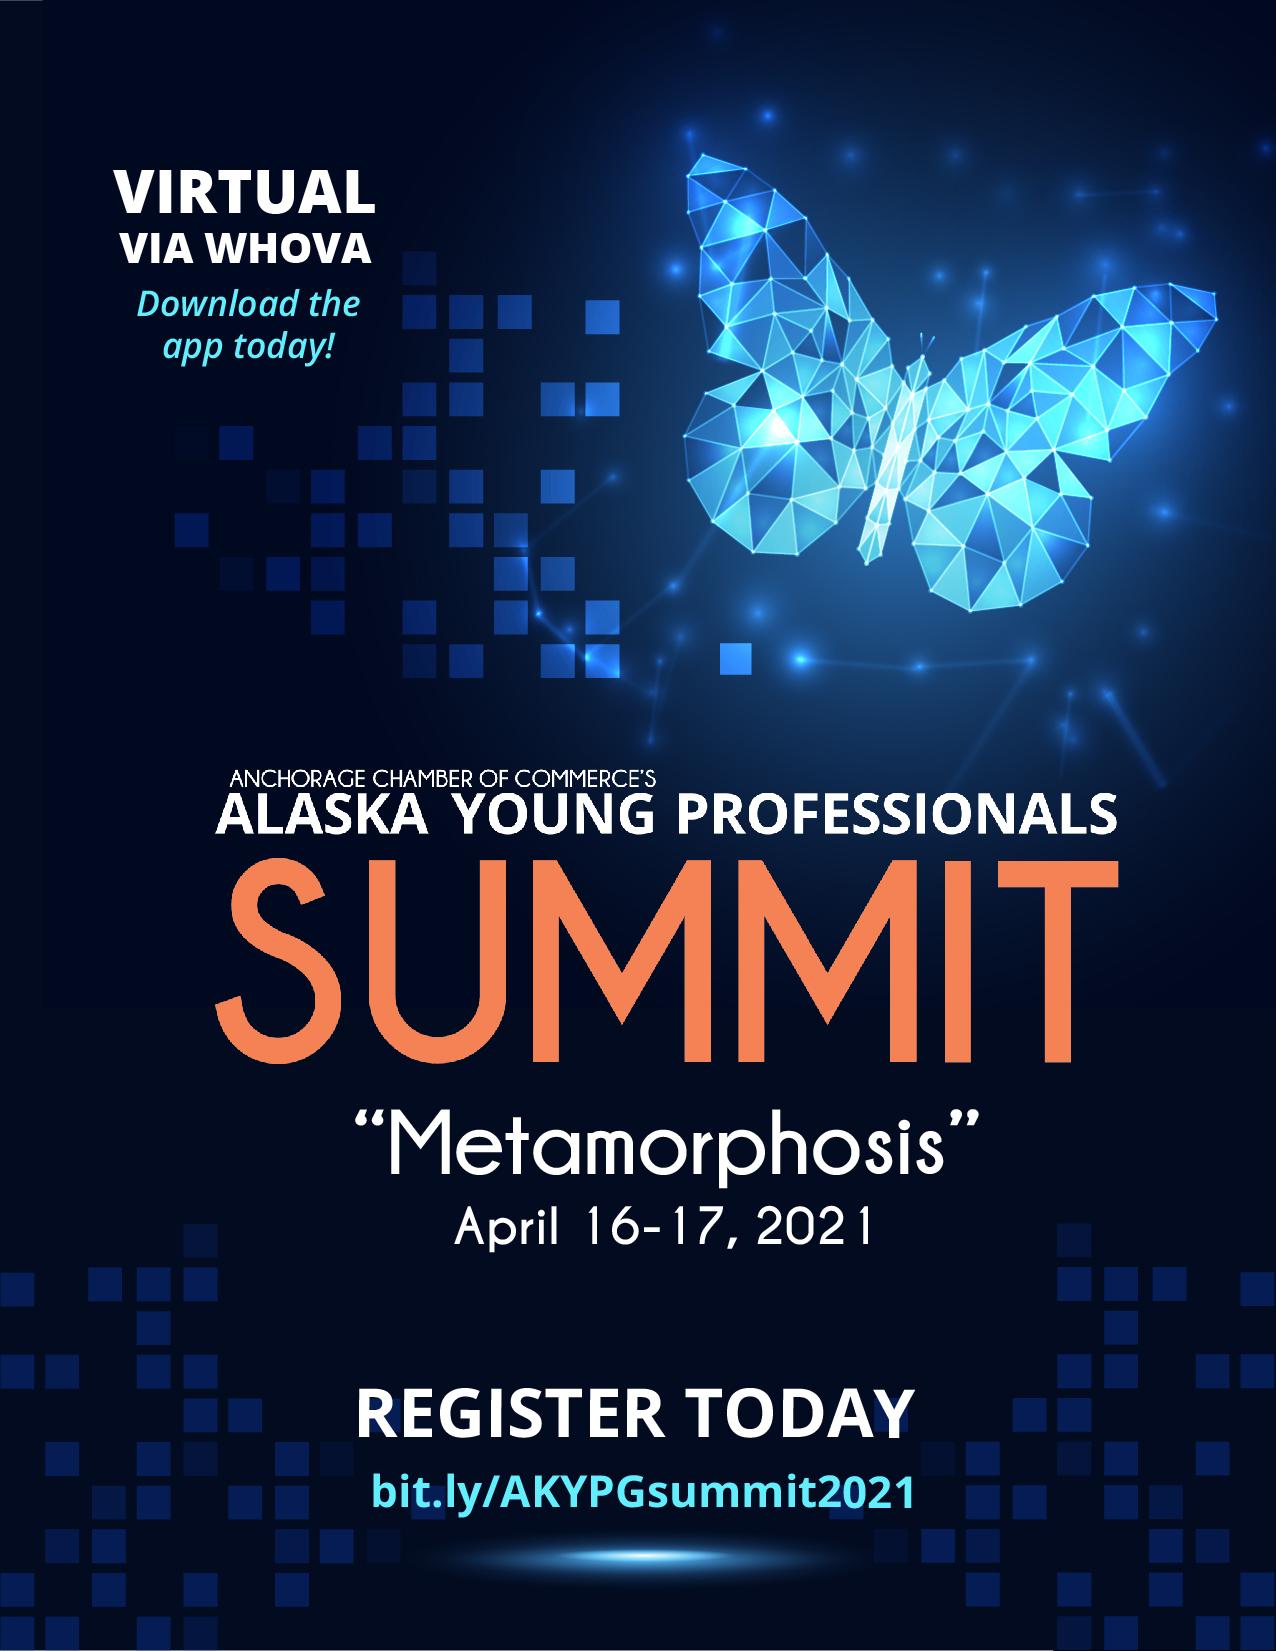 2021 Summit Metamorphosis Flyer